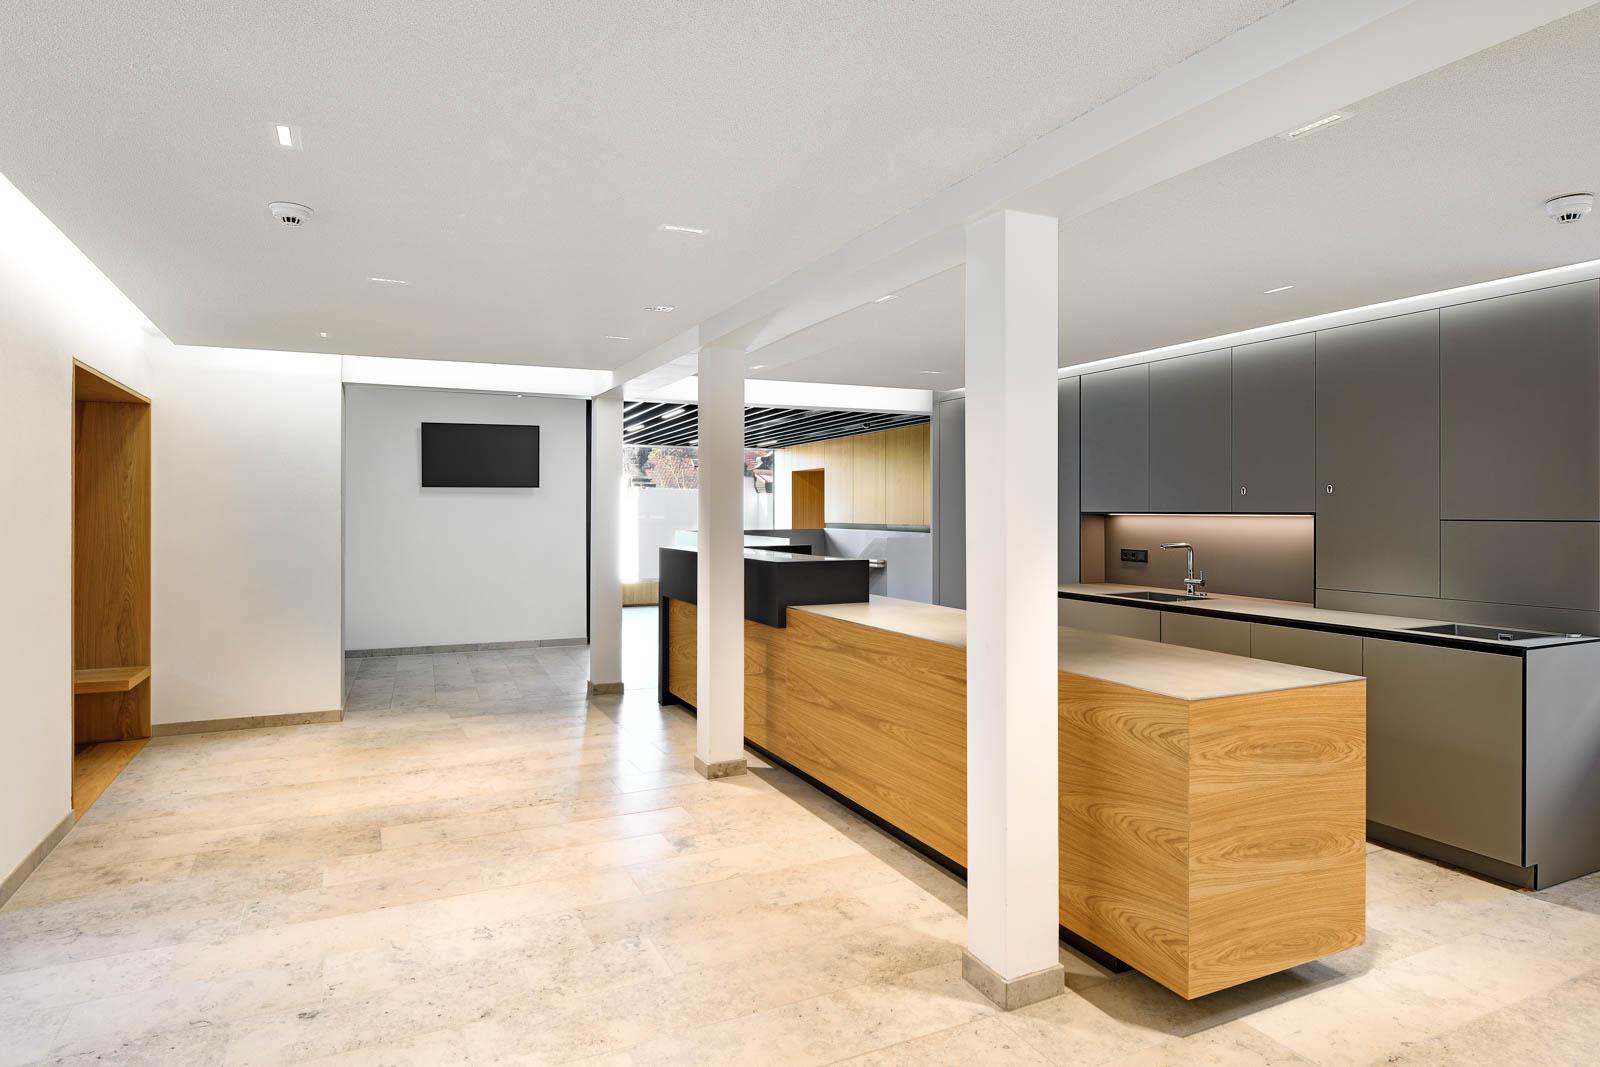 Nickel und Wachter Architekten - Sanierung Mariahilf Bamberg Aula